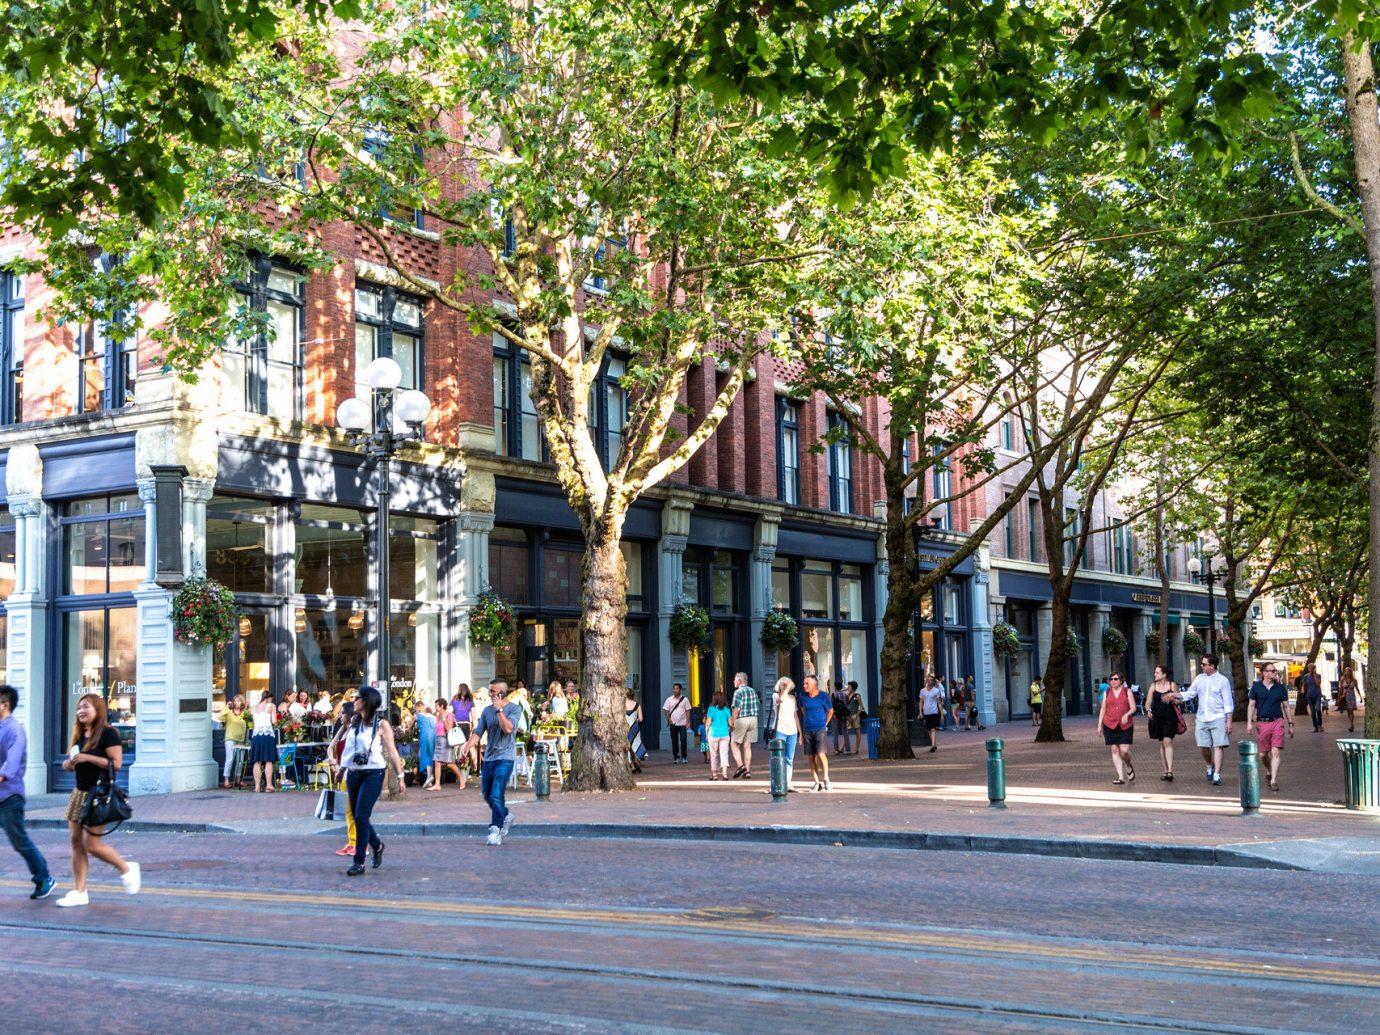 Busy street in Seattle, WA